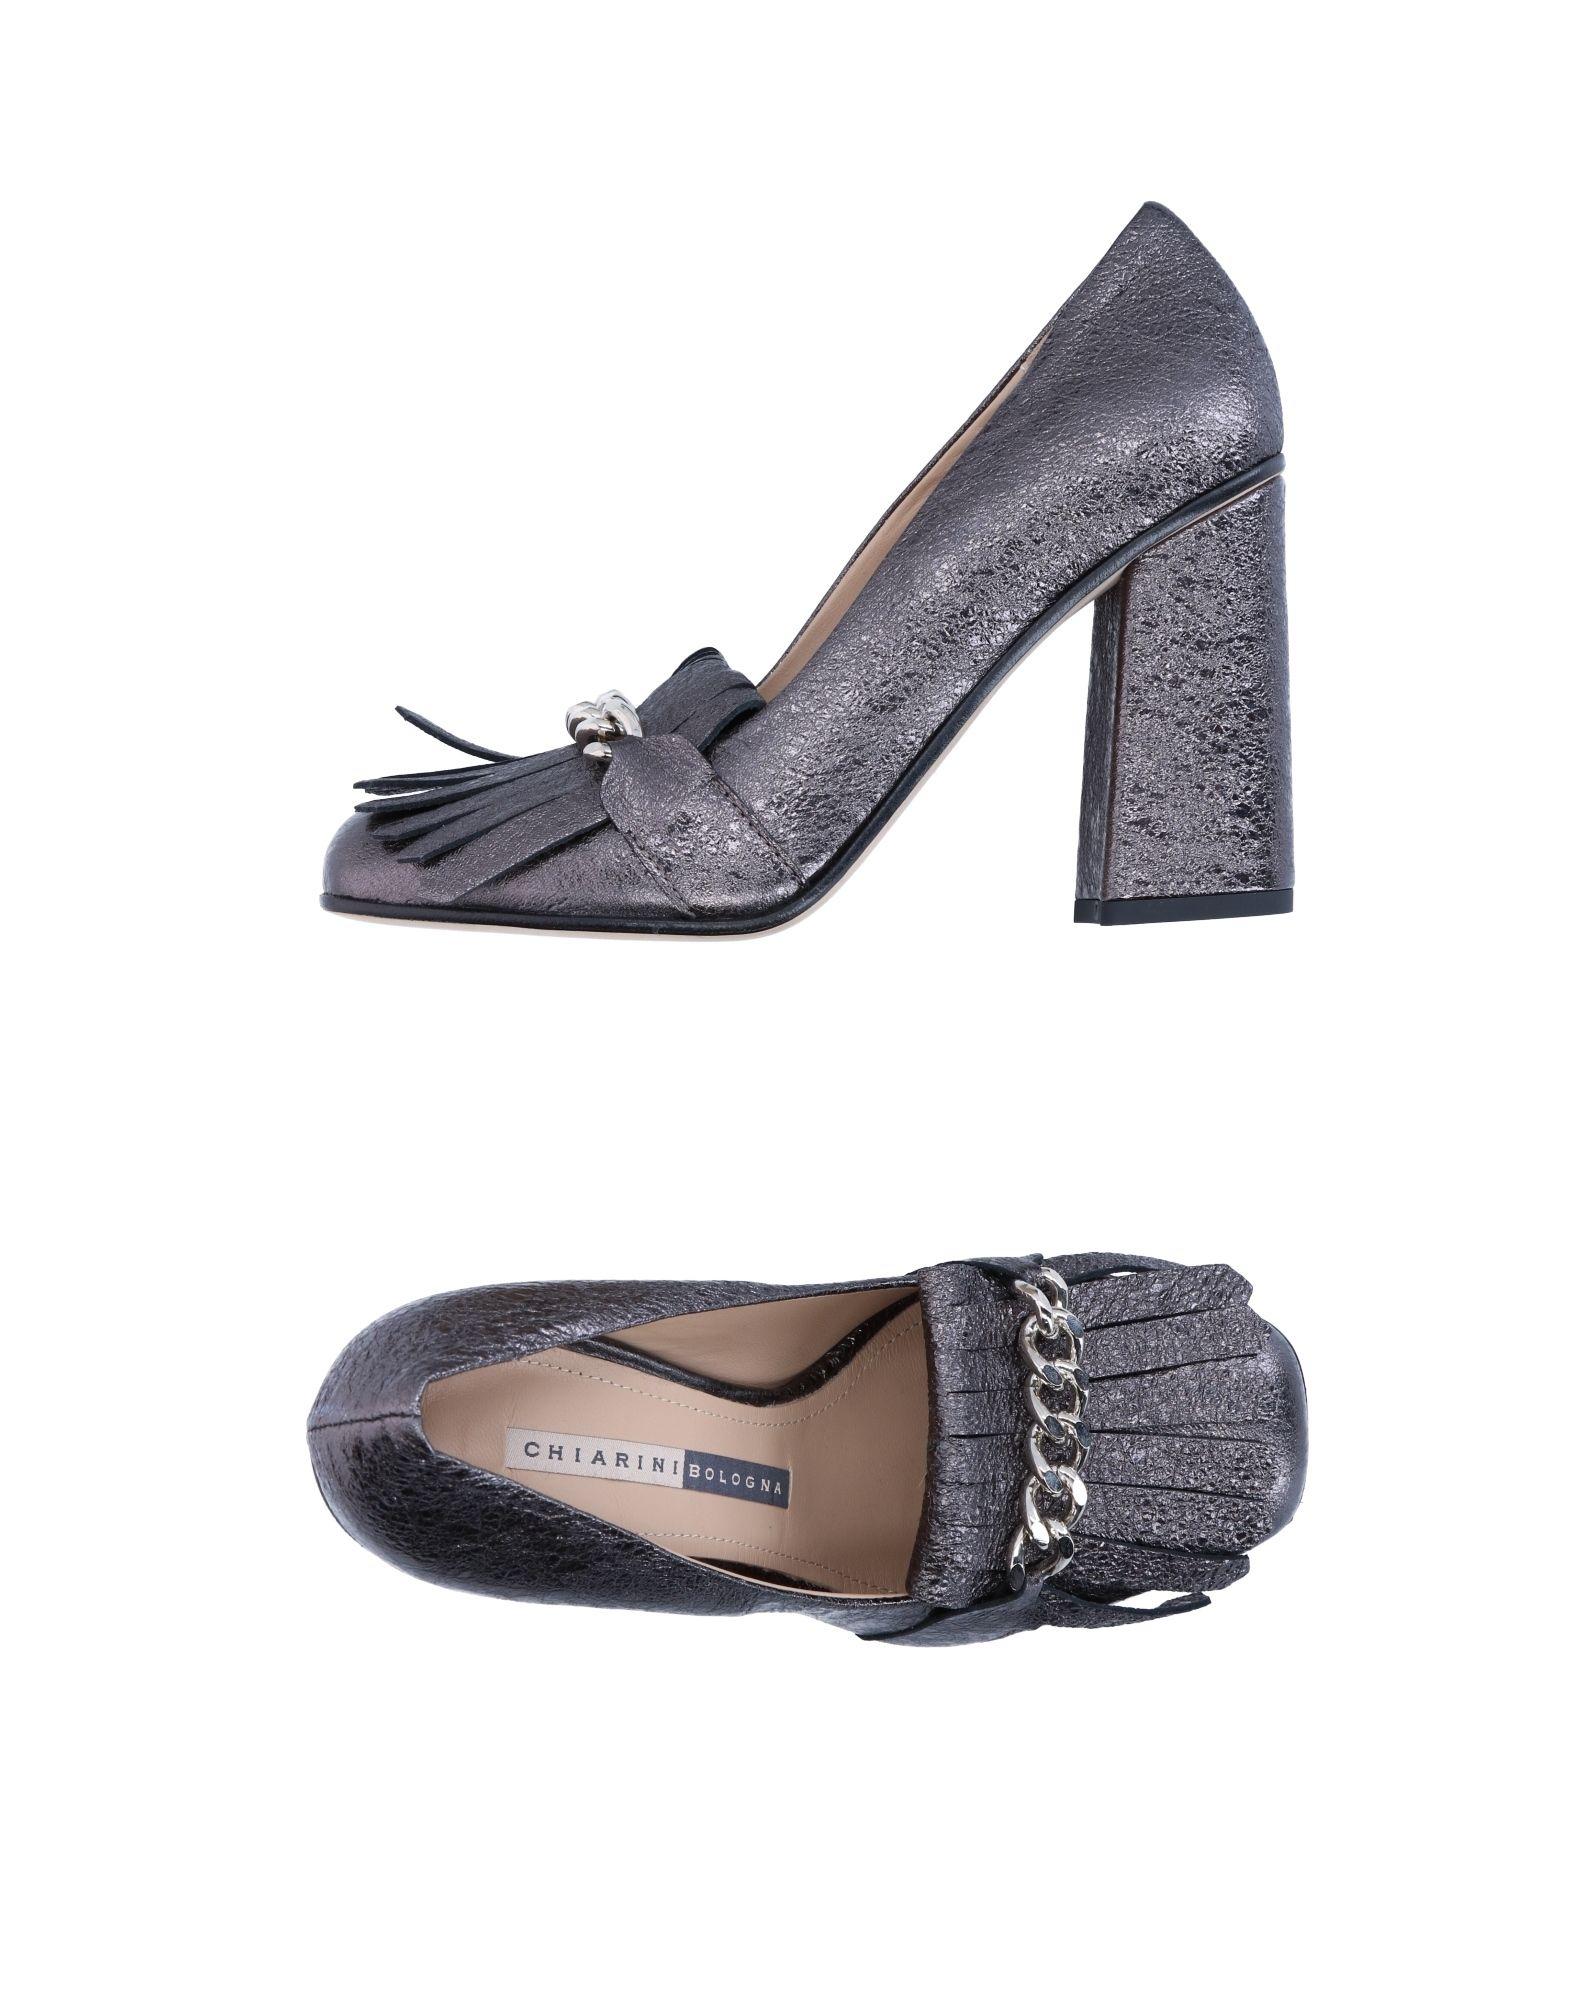 Chiarini Bologna Mokassins Qualität Damen  11277579FS Gute Qualität Mokassins beliebte Schuhe acde5f